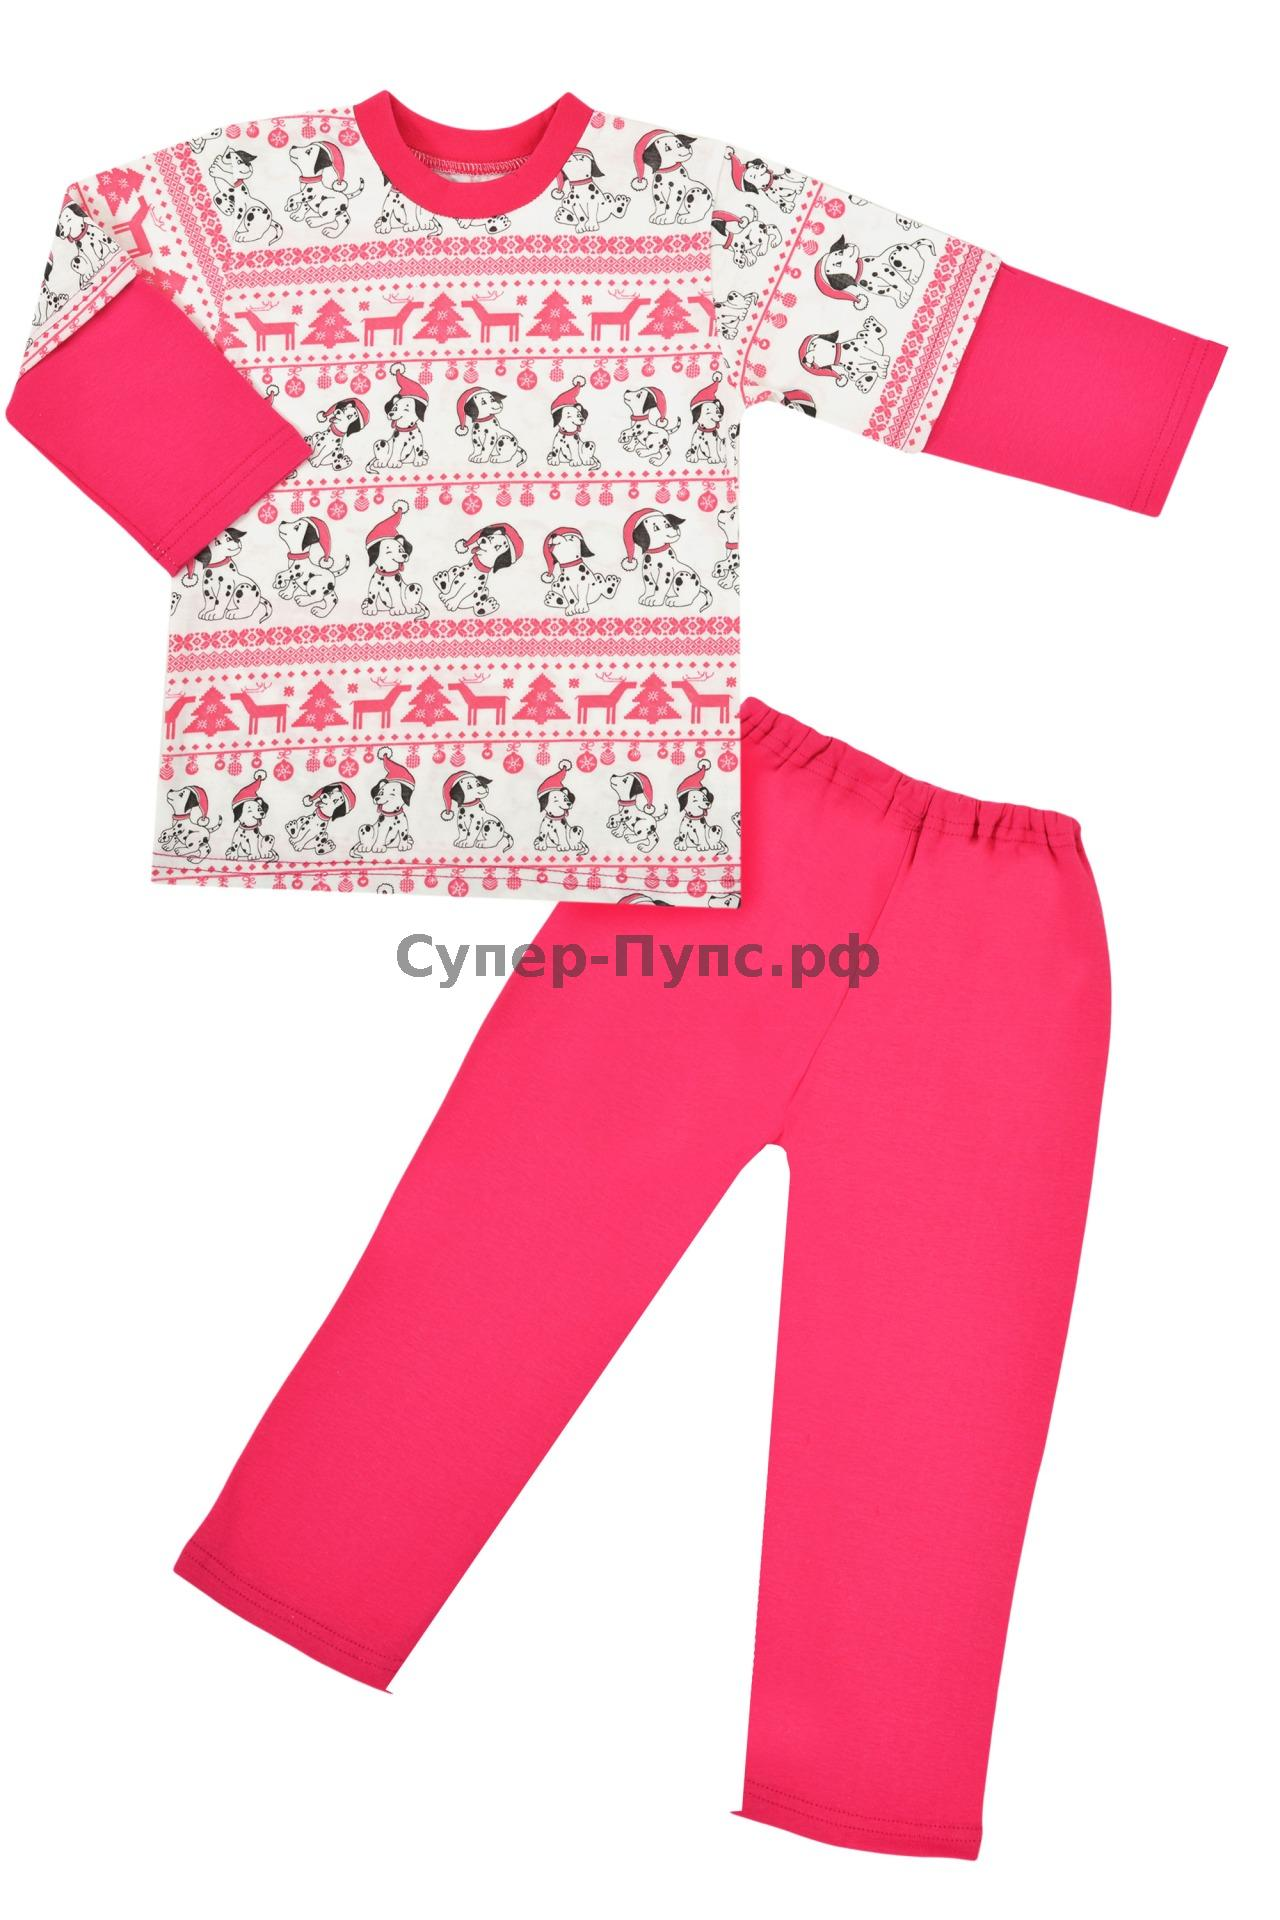 Пижама детская Учар -  Одежда для сна